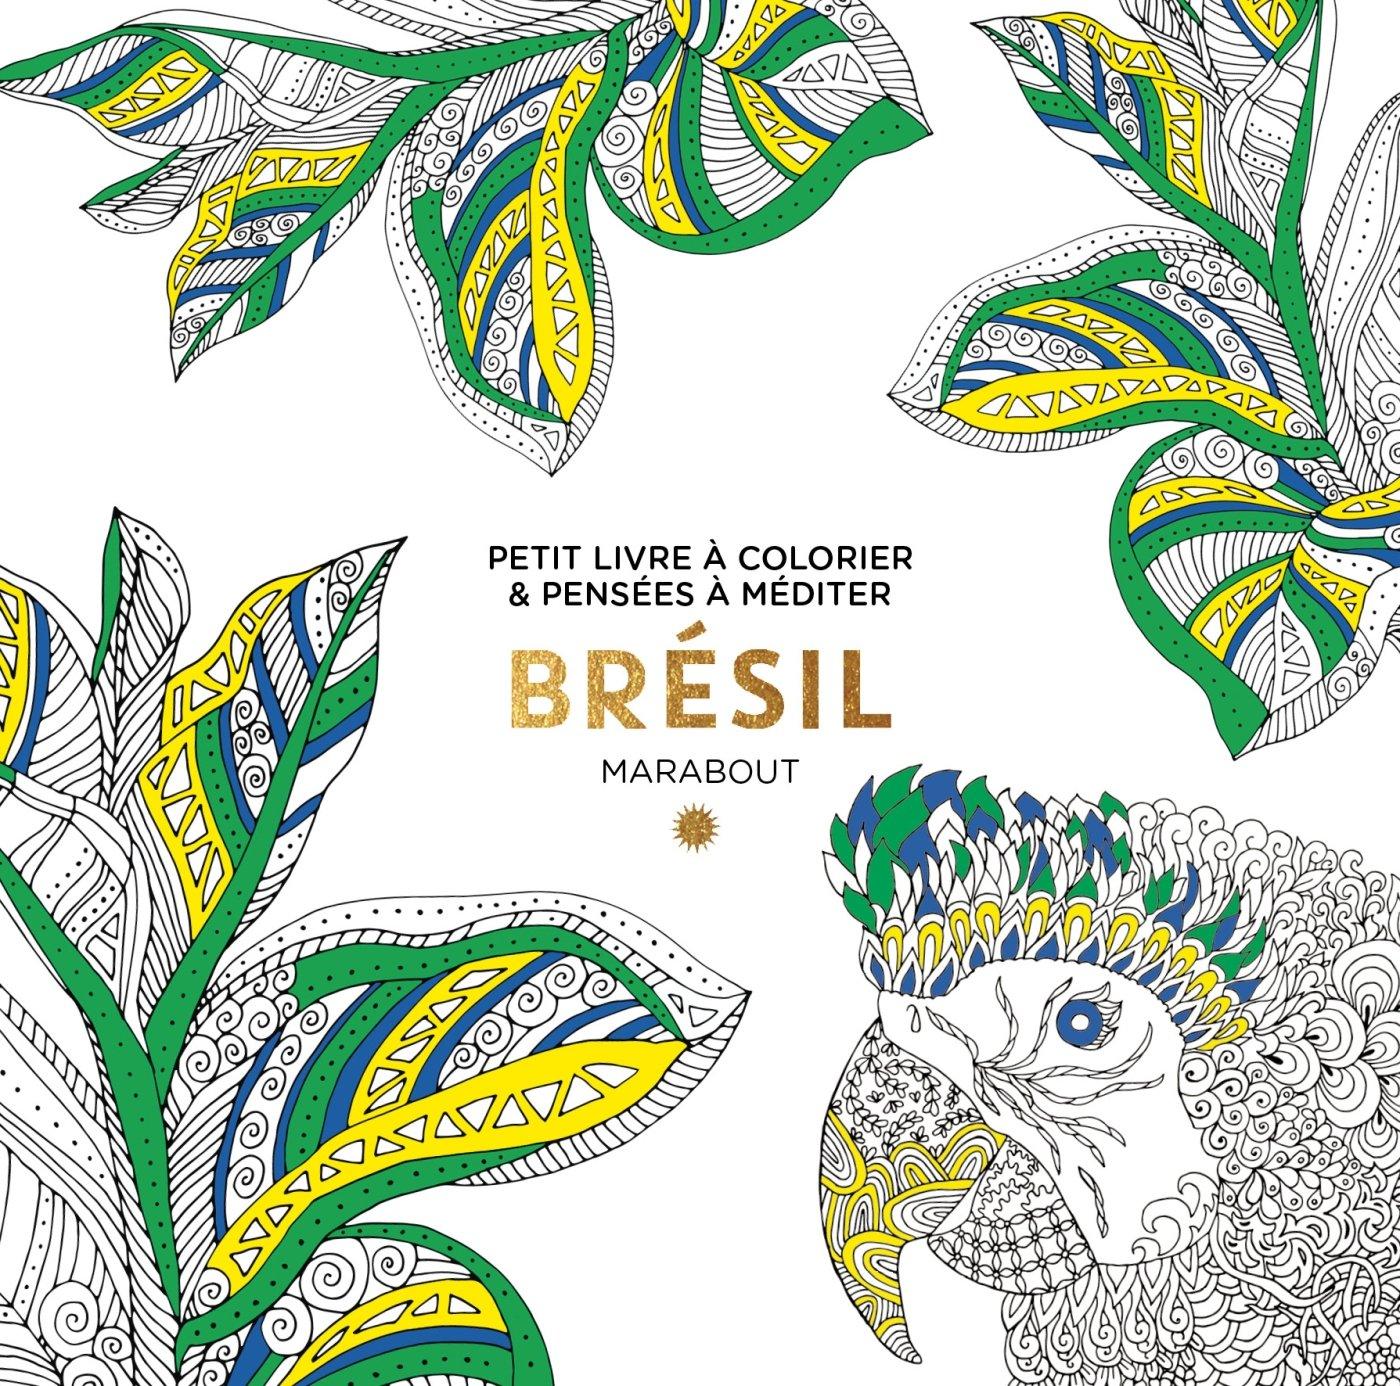 Le Petit Livre De Coloriage Brésil Amazonfr Marabout Livres